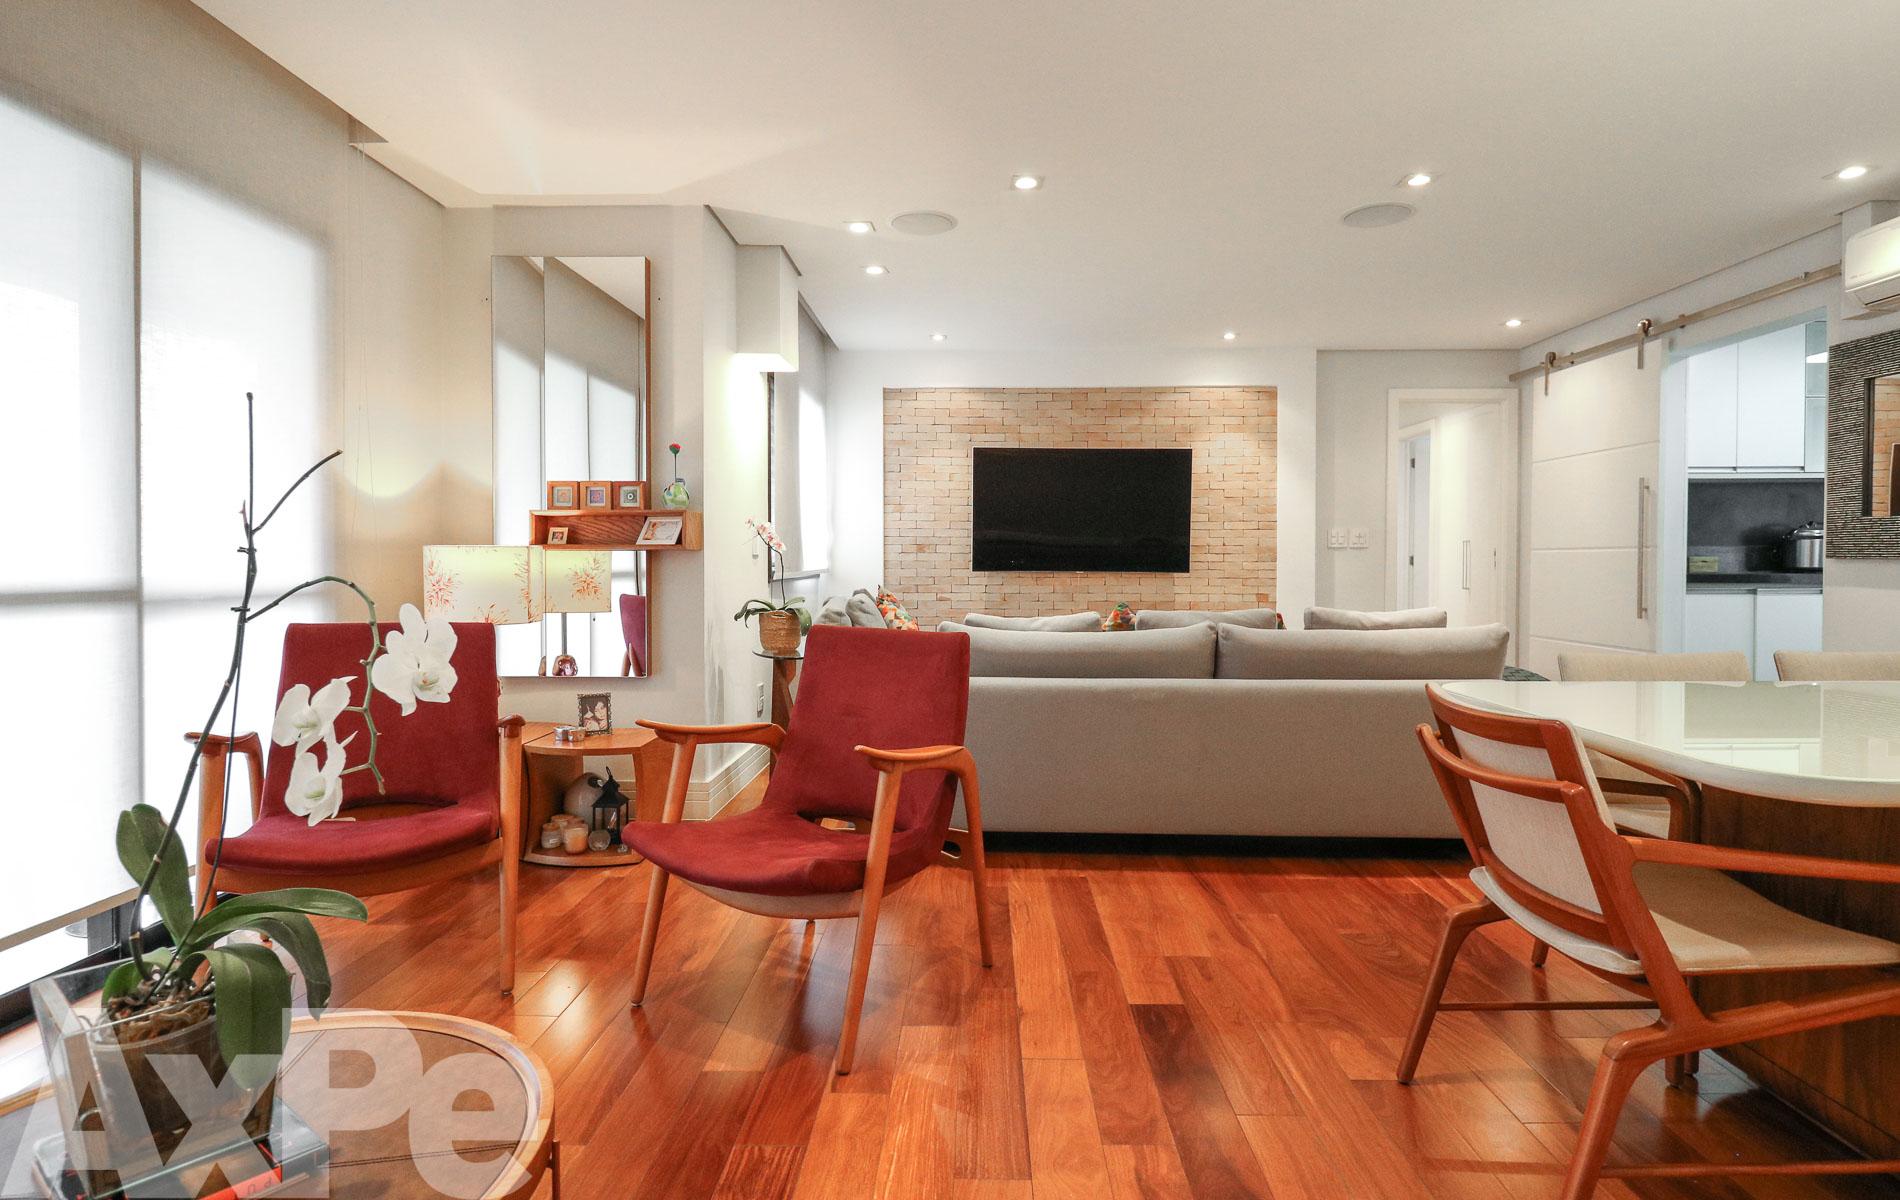 Axpe Apartamento - AX146907